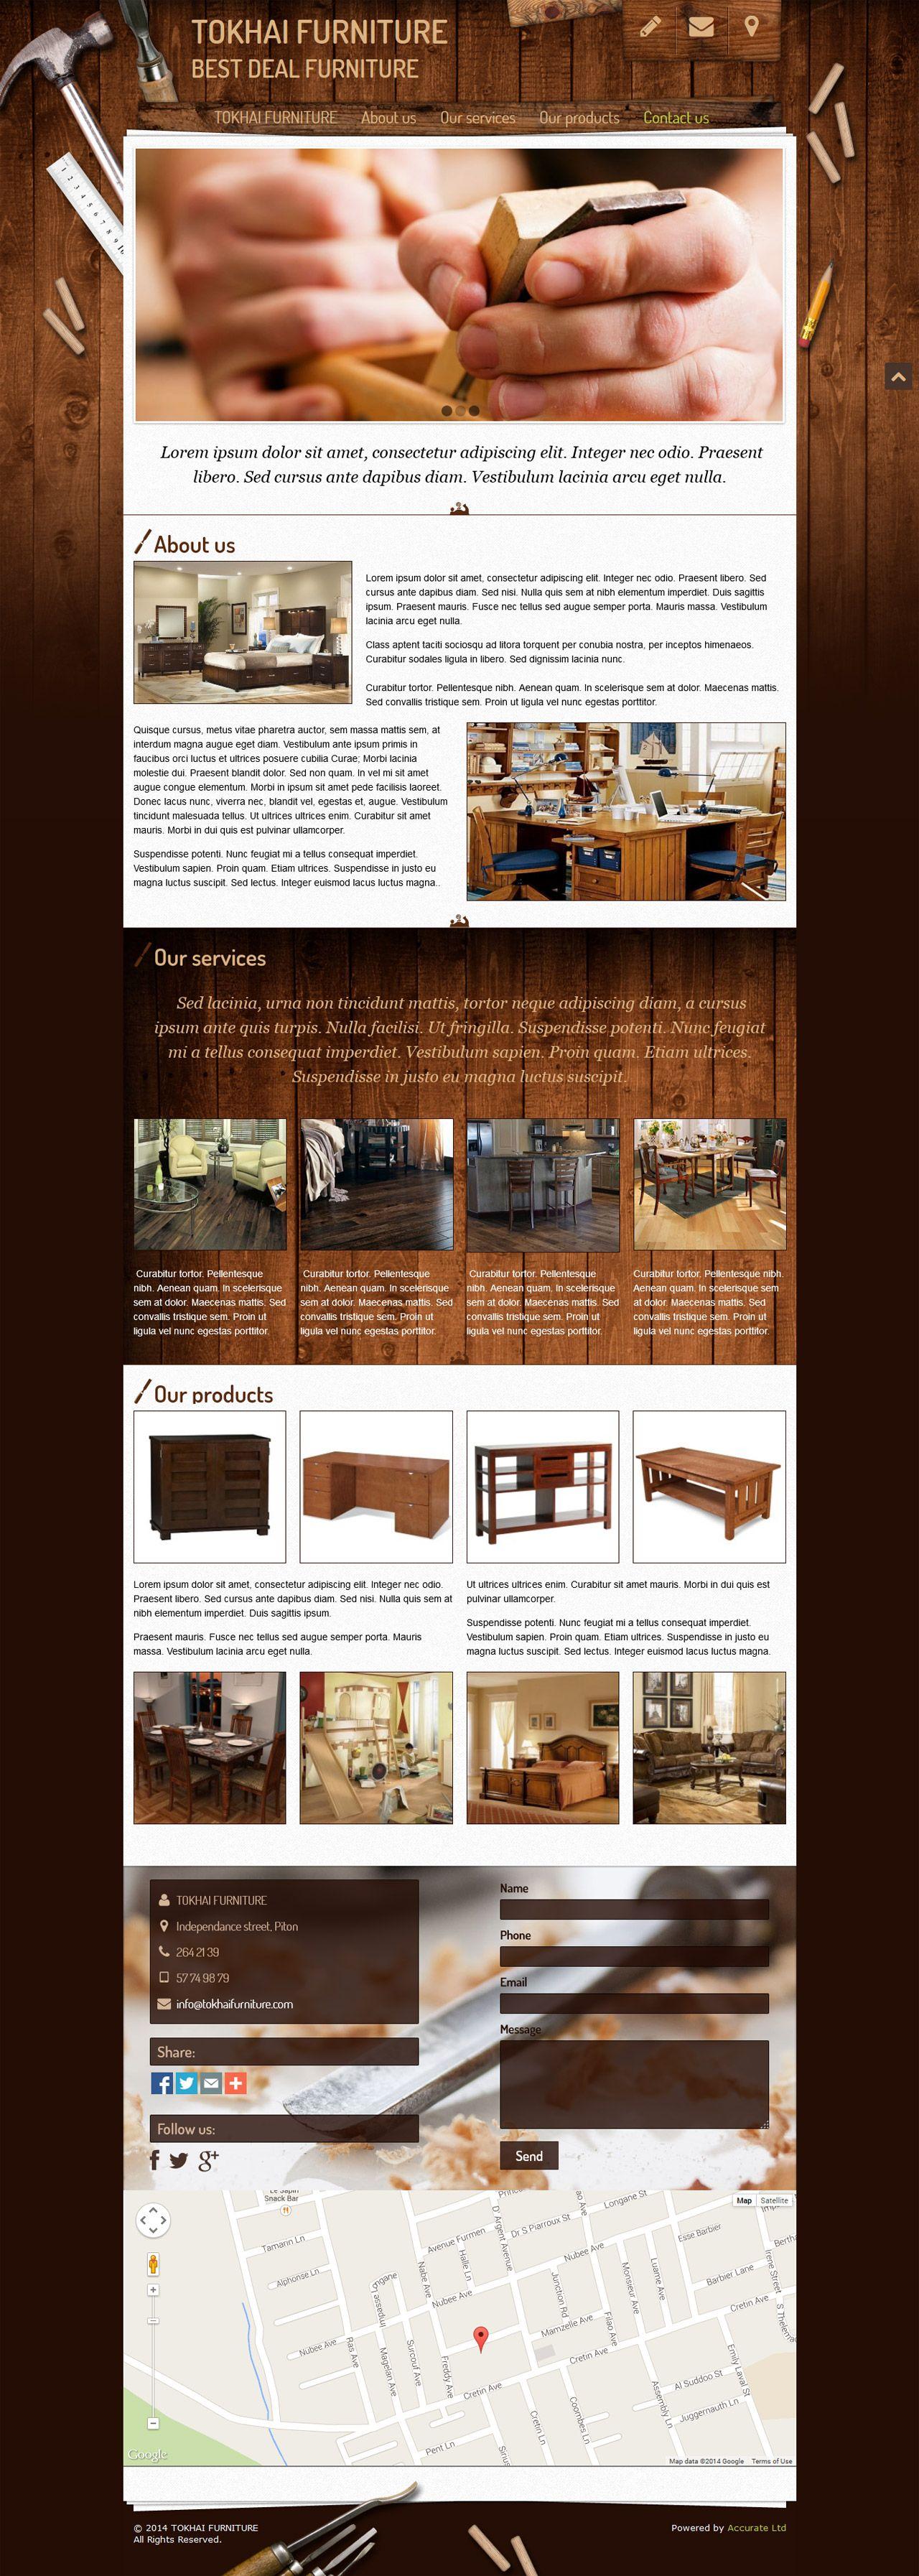 Tokhai Furniture : Best Deal Furniture